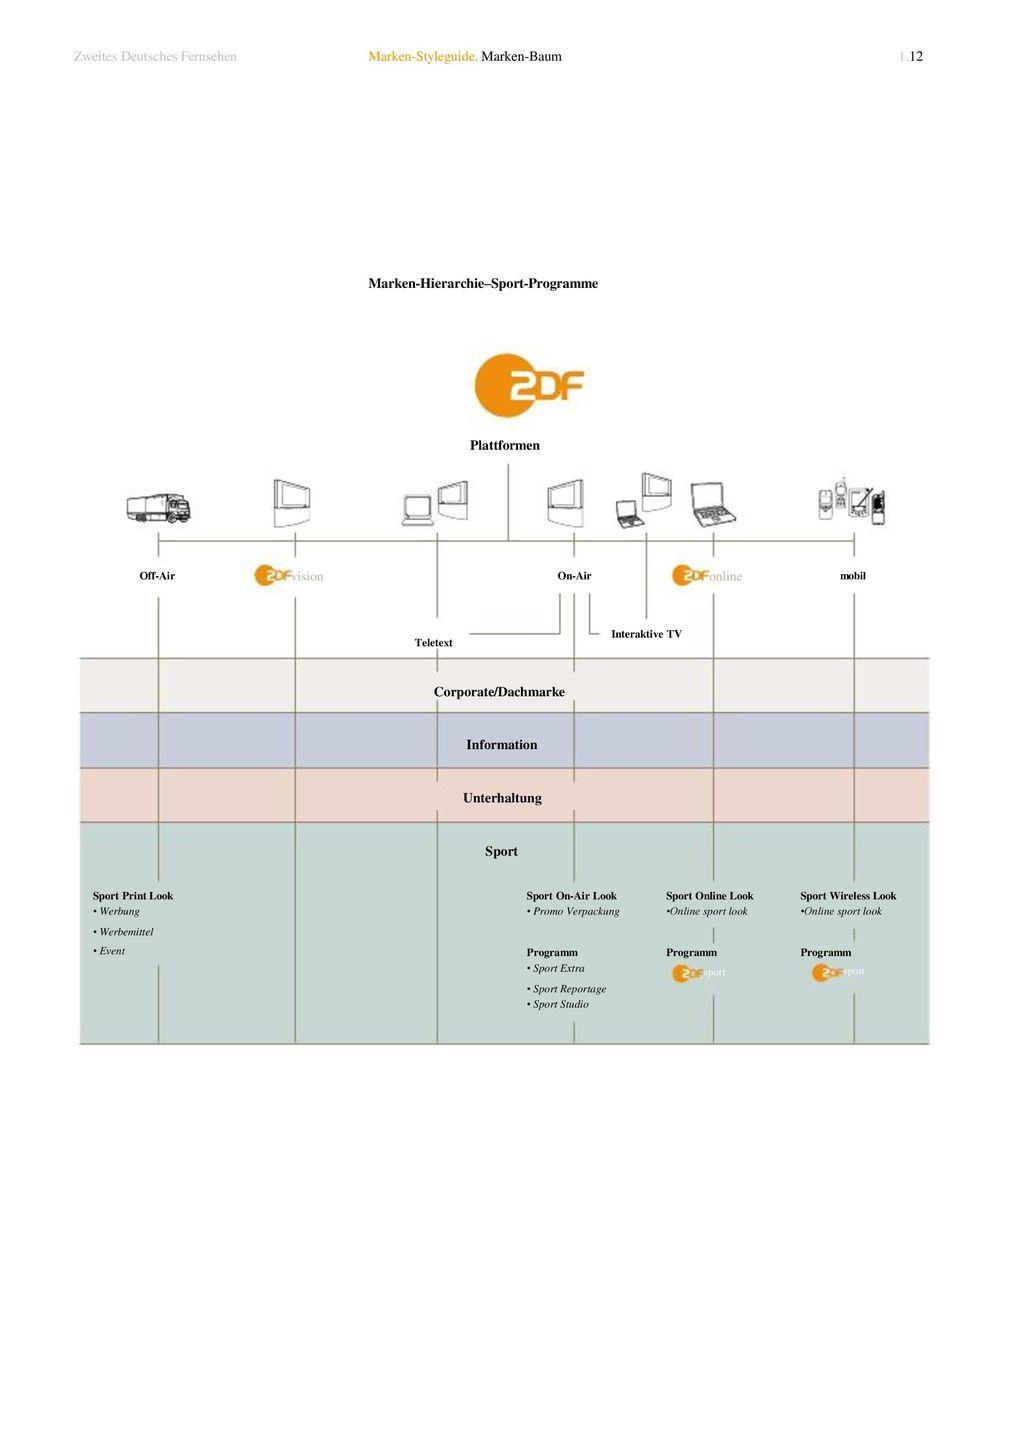 Corporate/Dachmarke Information Unterhaltung Sport sport sport